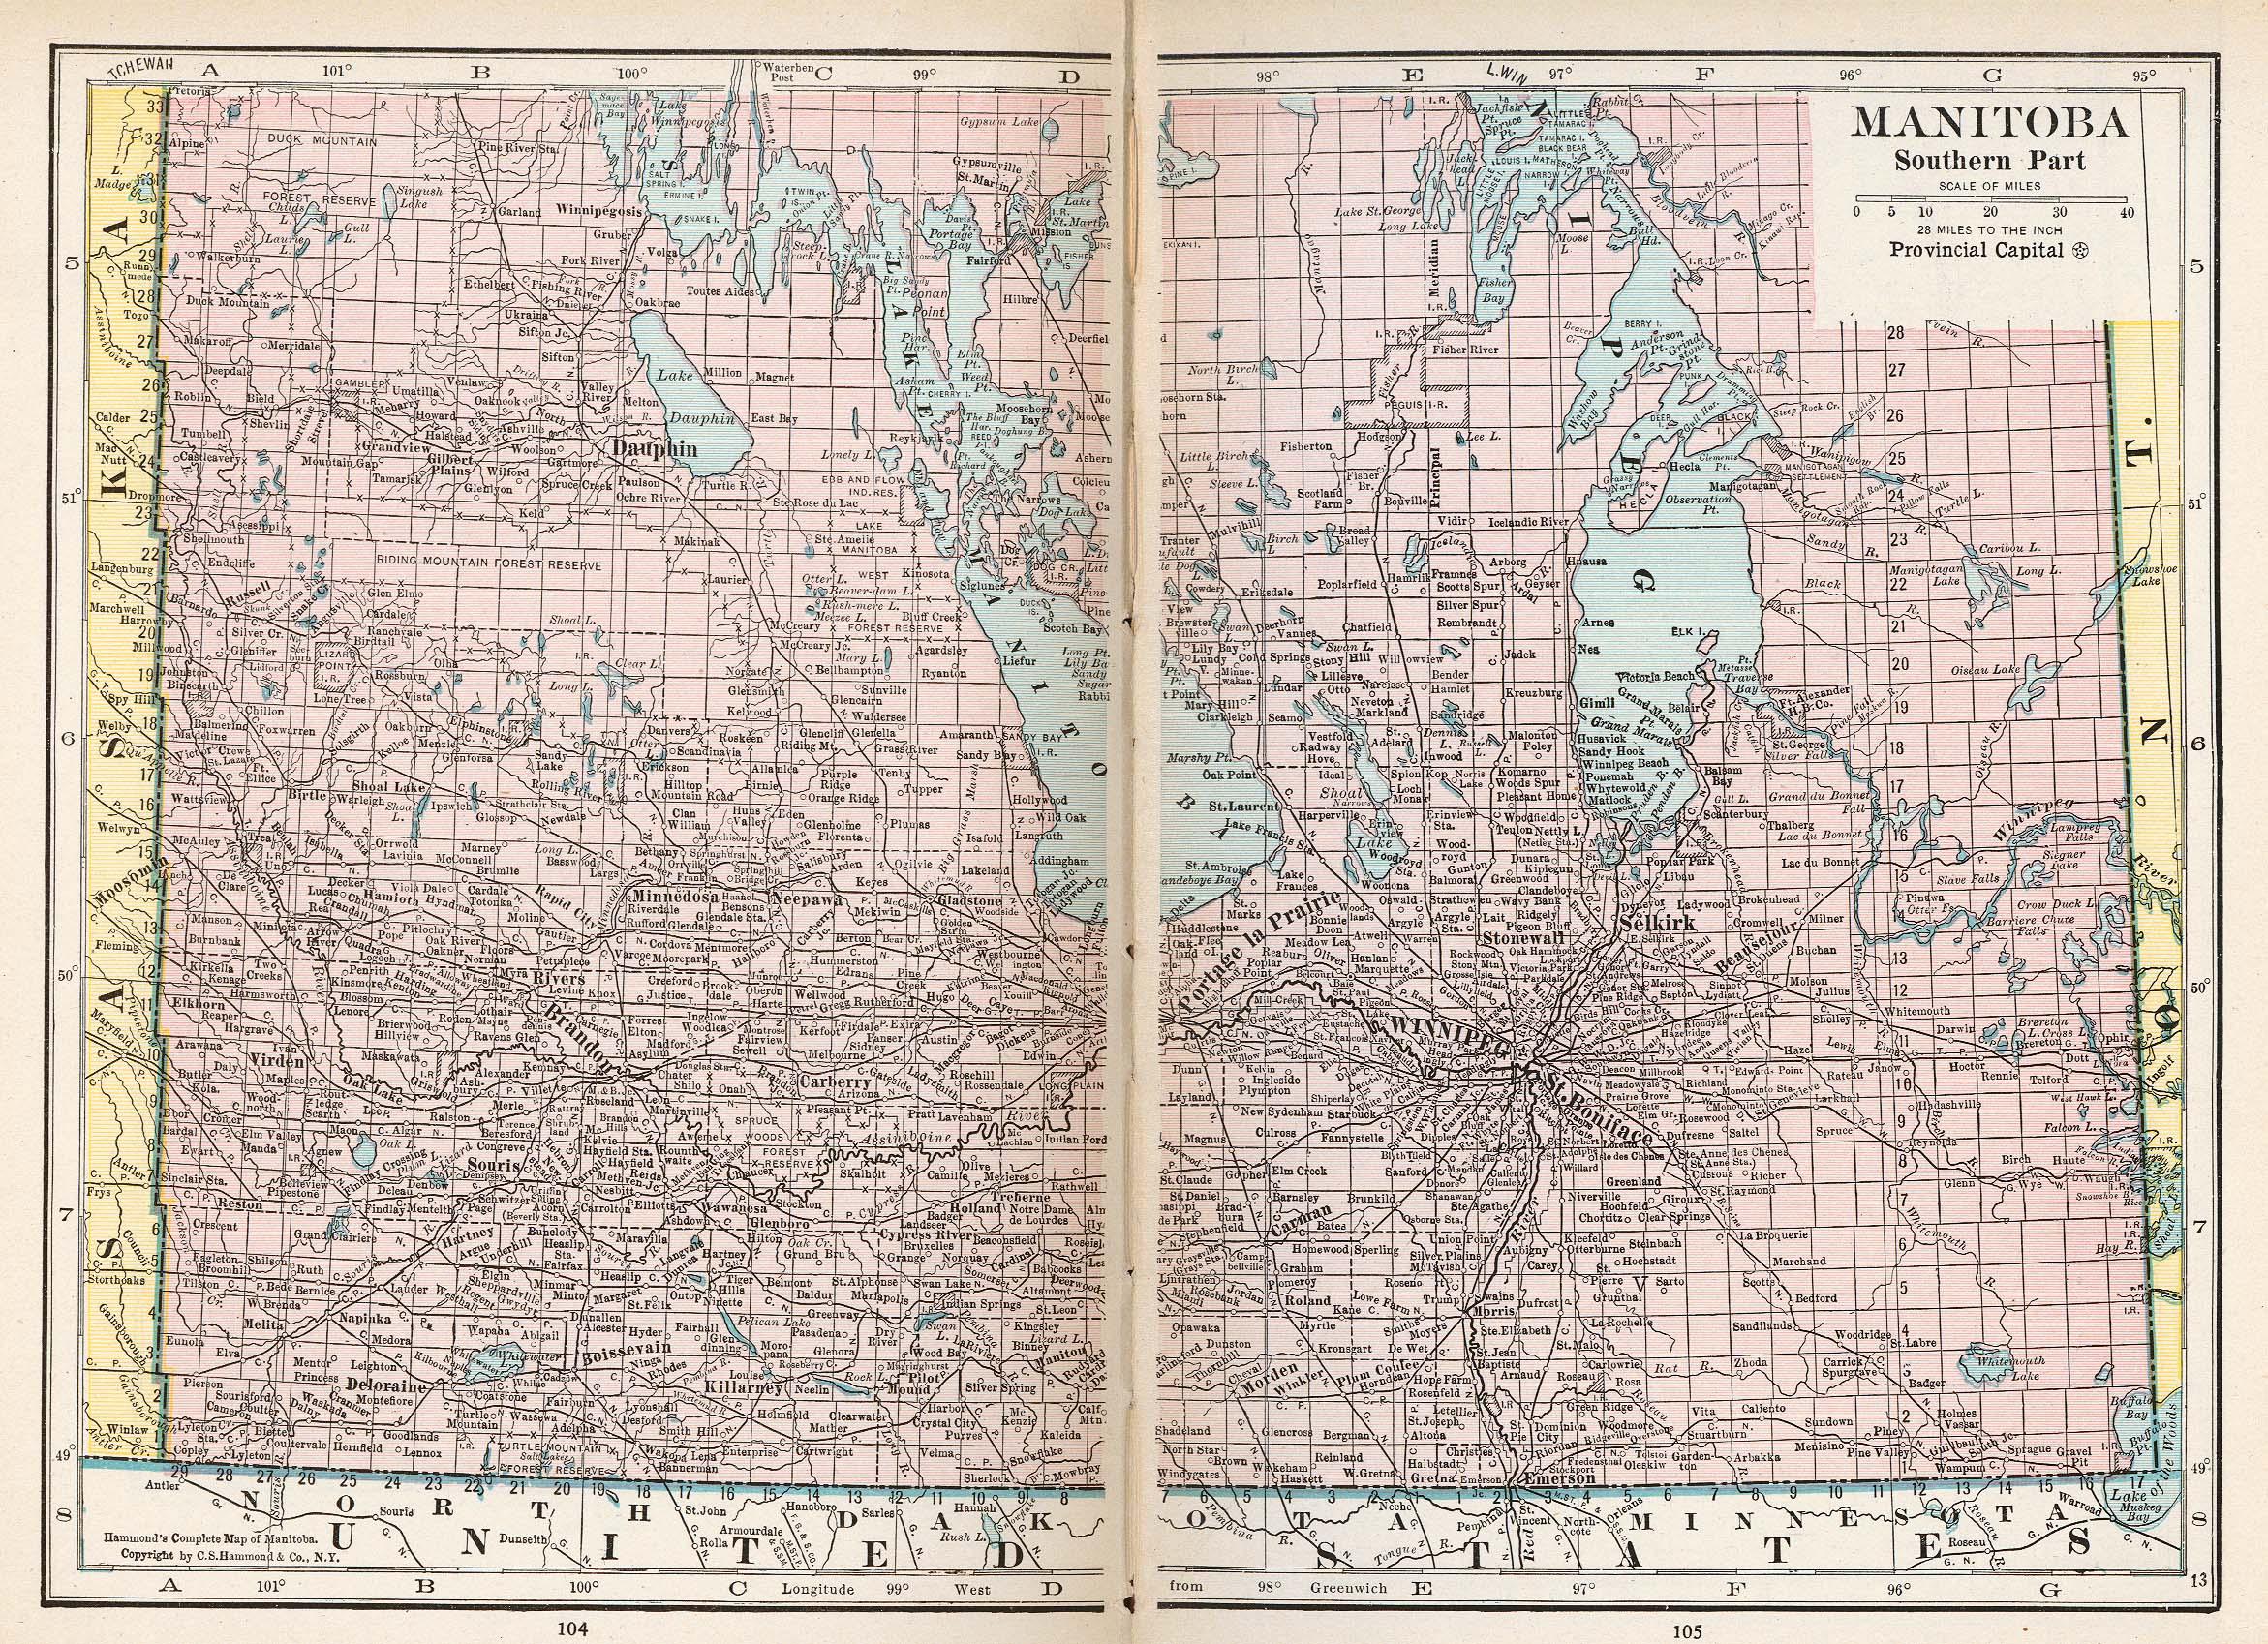 Mapa de Manitoba, Canadá 1921